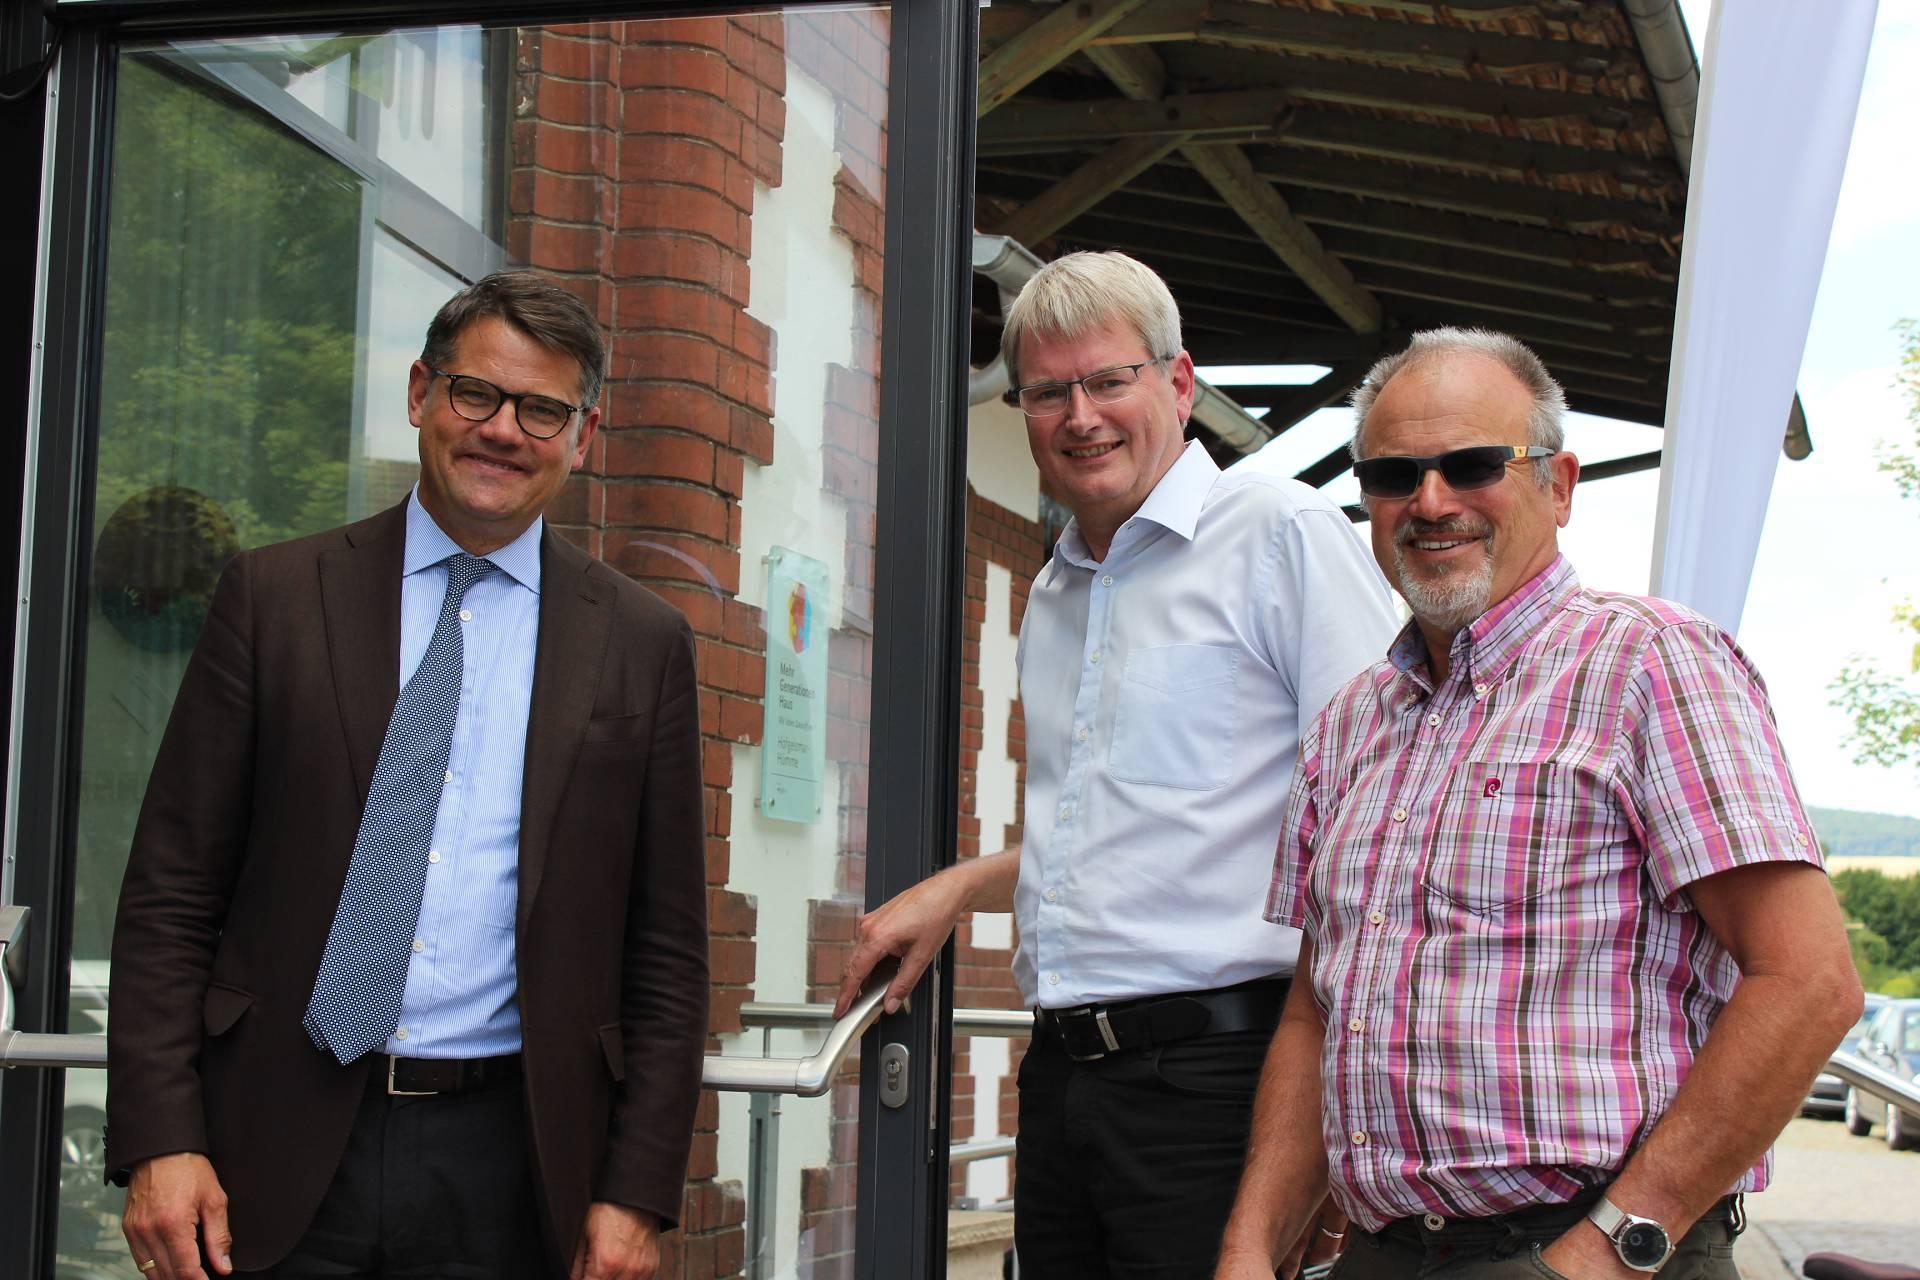 Begeistert über das Mehrgenerationenhaus Bahnhof Hümme zeigte sich der Hessische Kunst- und Kulturminister Boris Rhein (li.), daneben Peter Nissen, Vorsitzender Generationenverein und 1. Stadtrat Günter Ebel